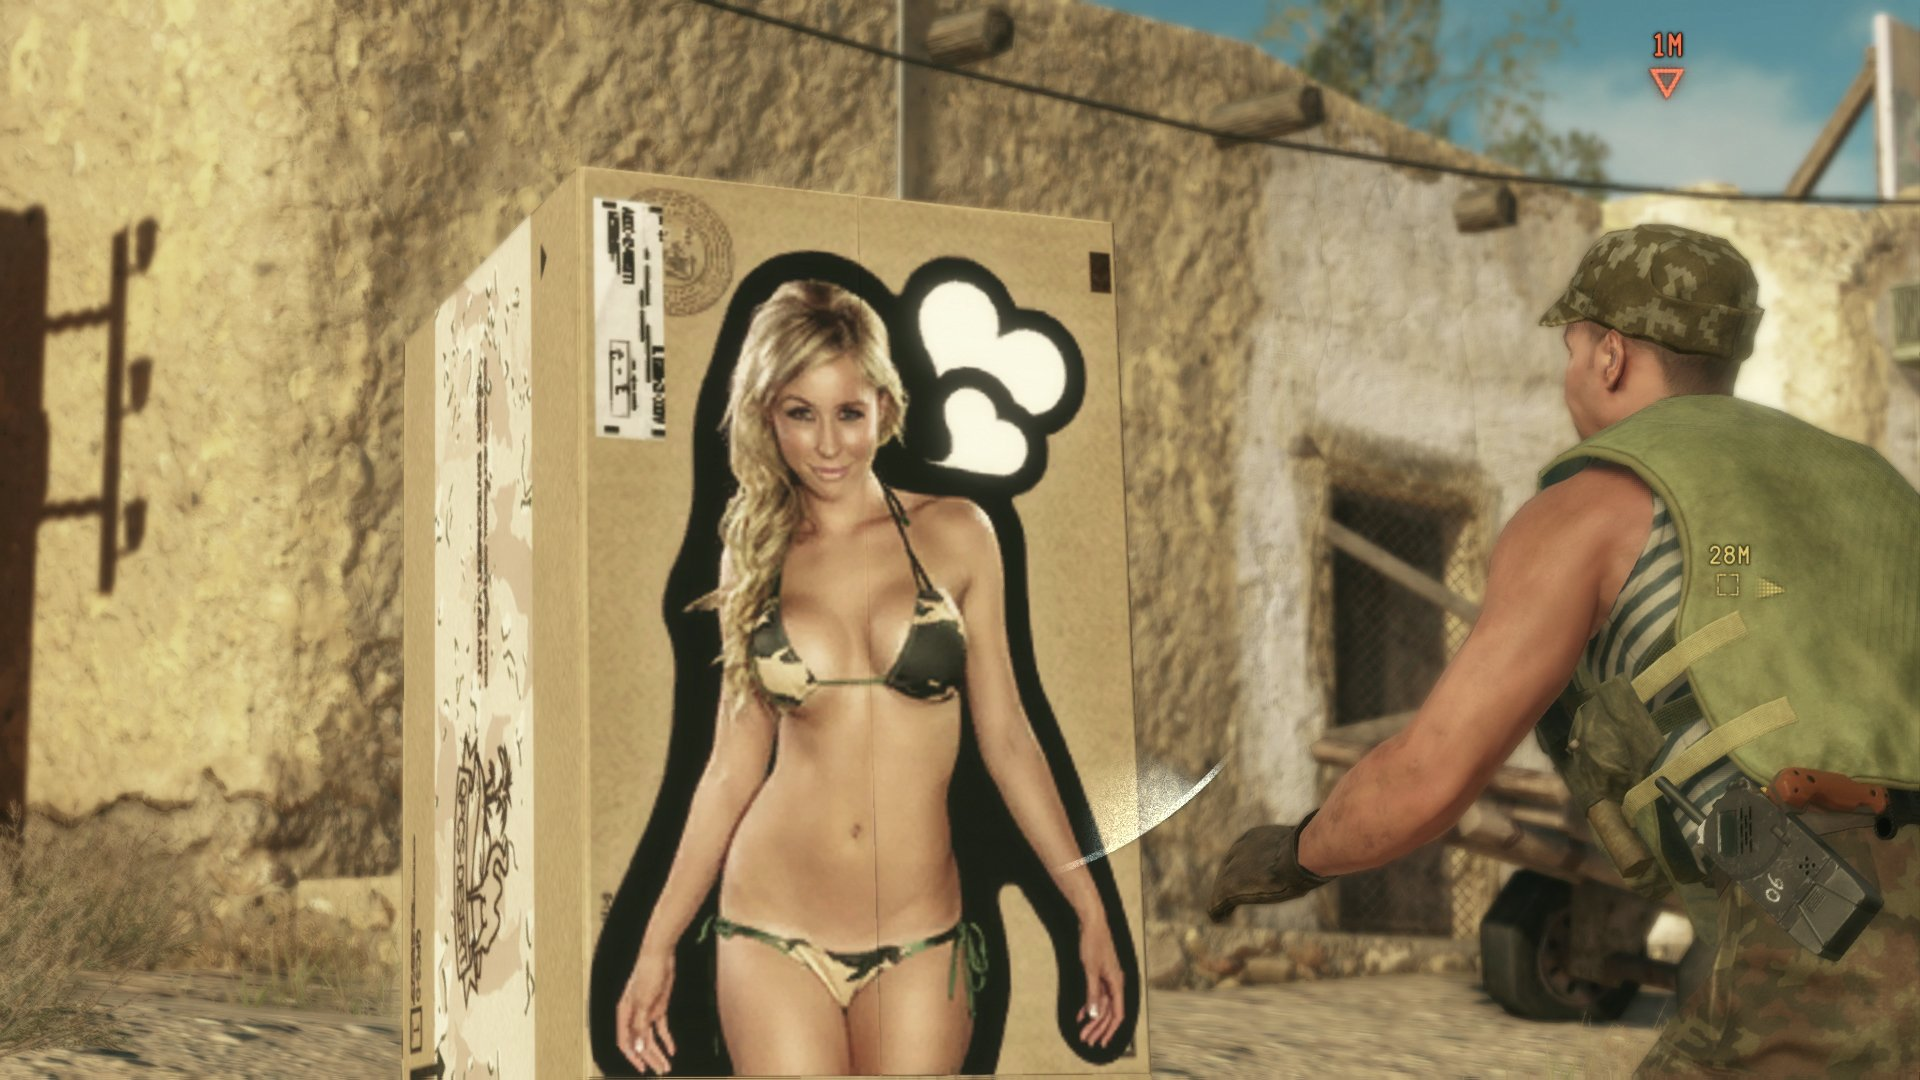 Как я вижу те или иные ситуации в Metal Gear Solid: the Phantom Pain ... часть 1 (а вдруг) - Изображение 5